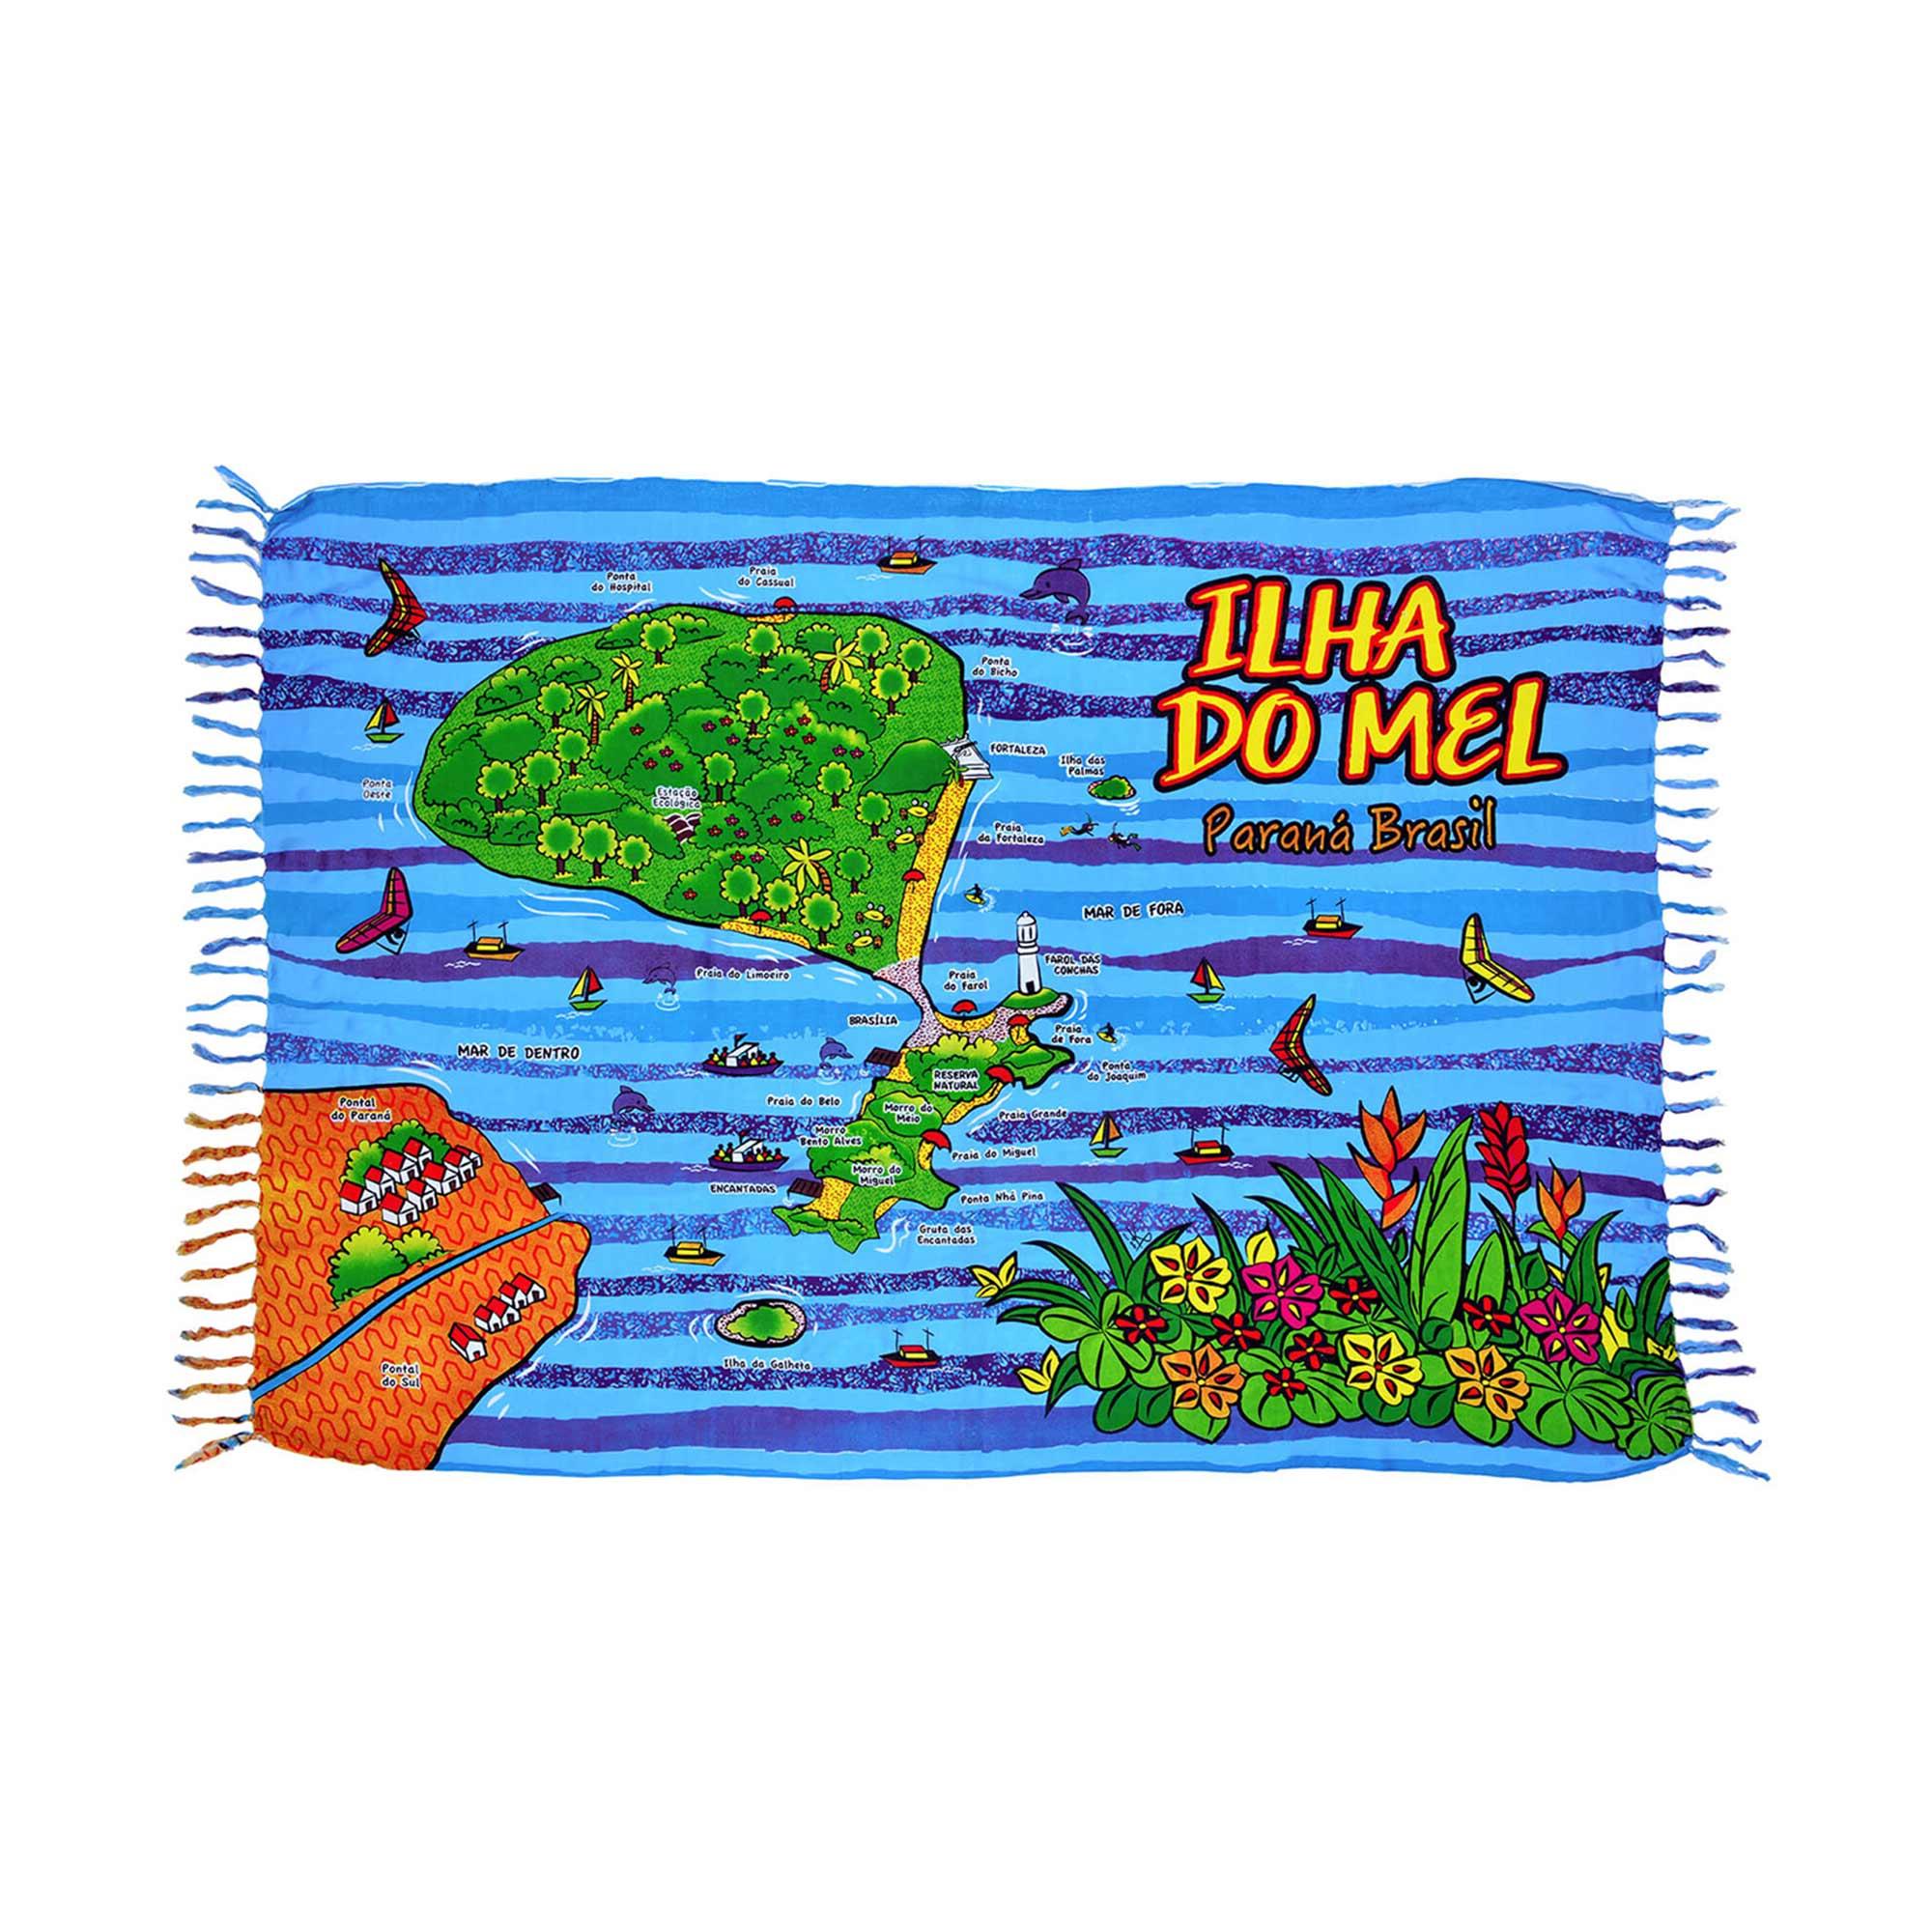 Canga Mapa Ilha Do Mel